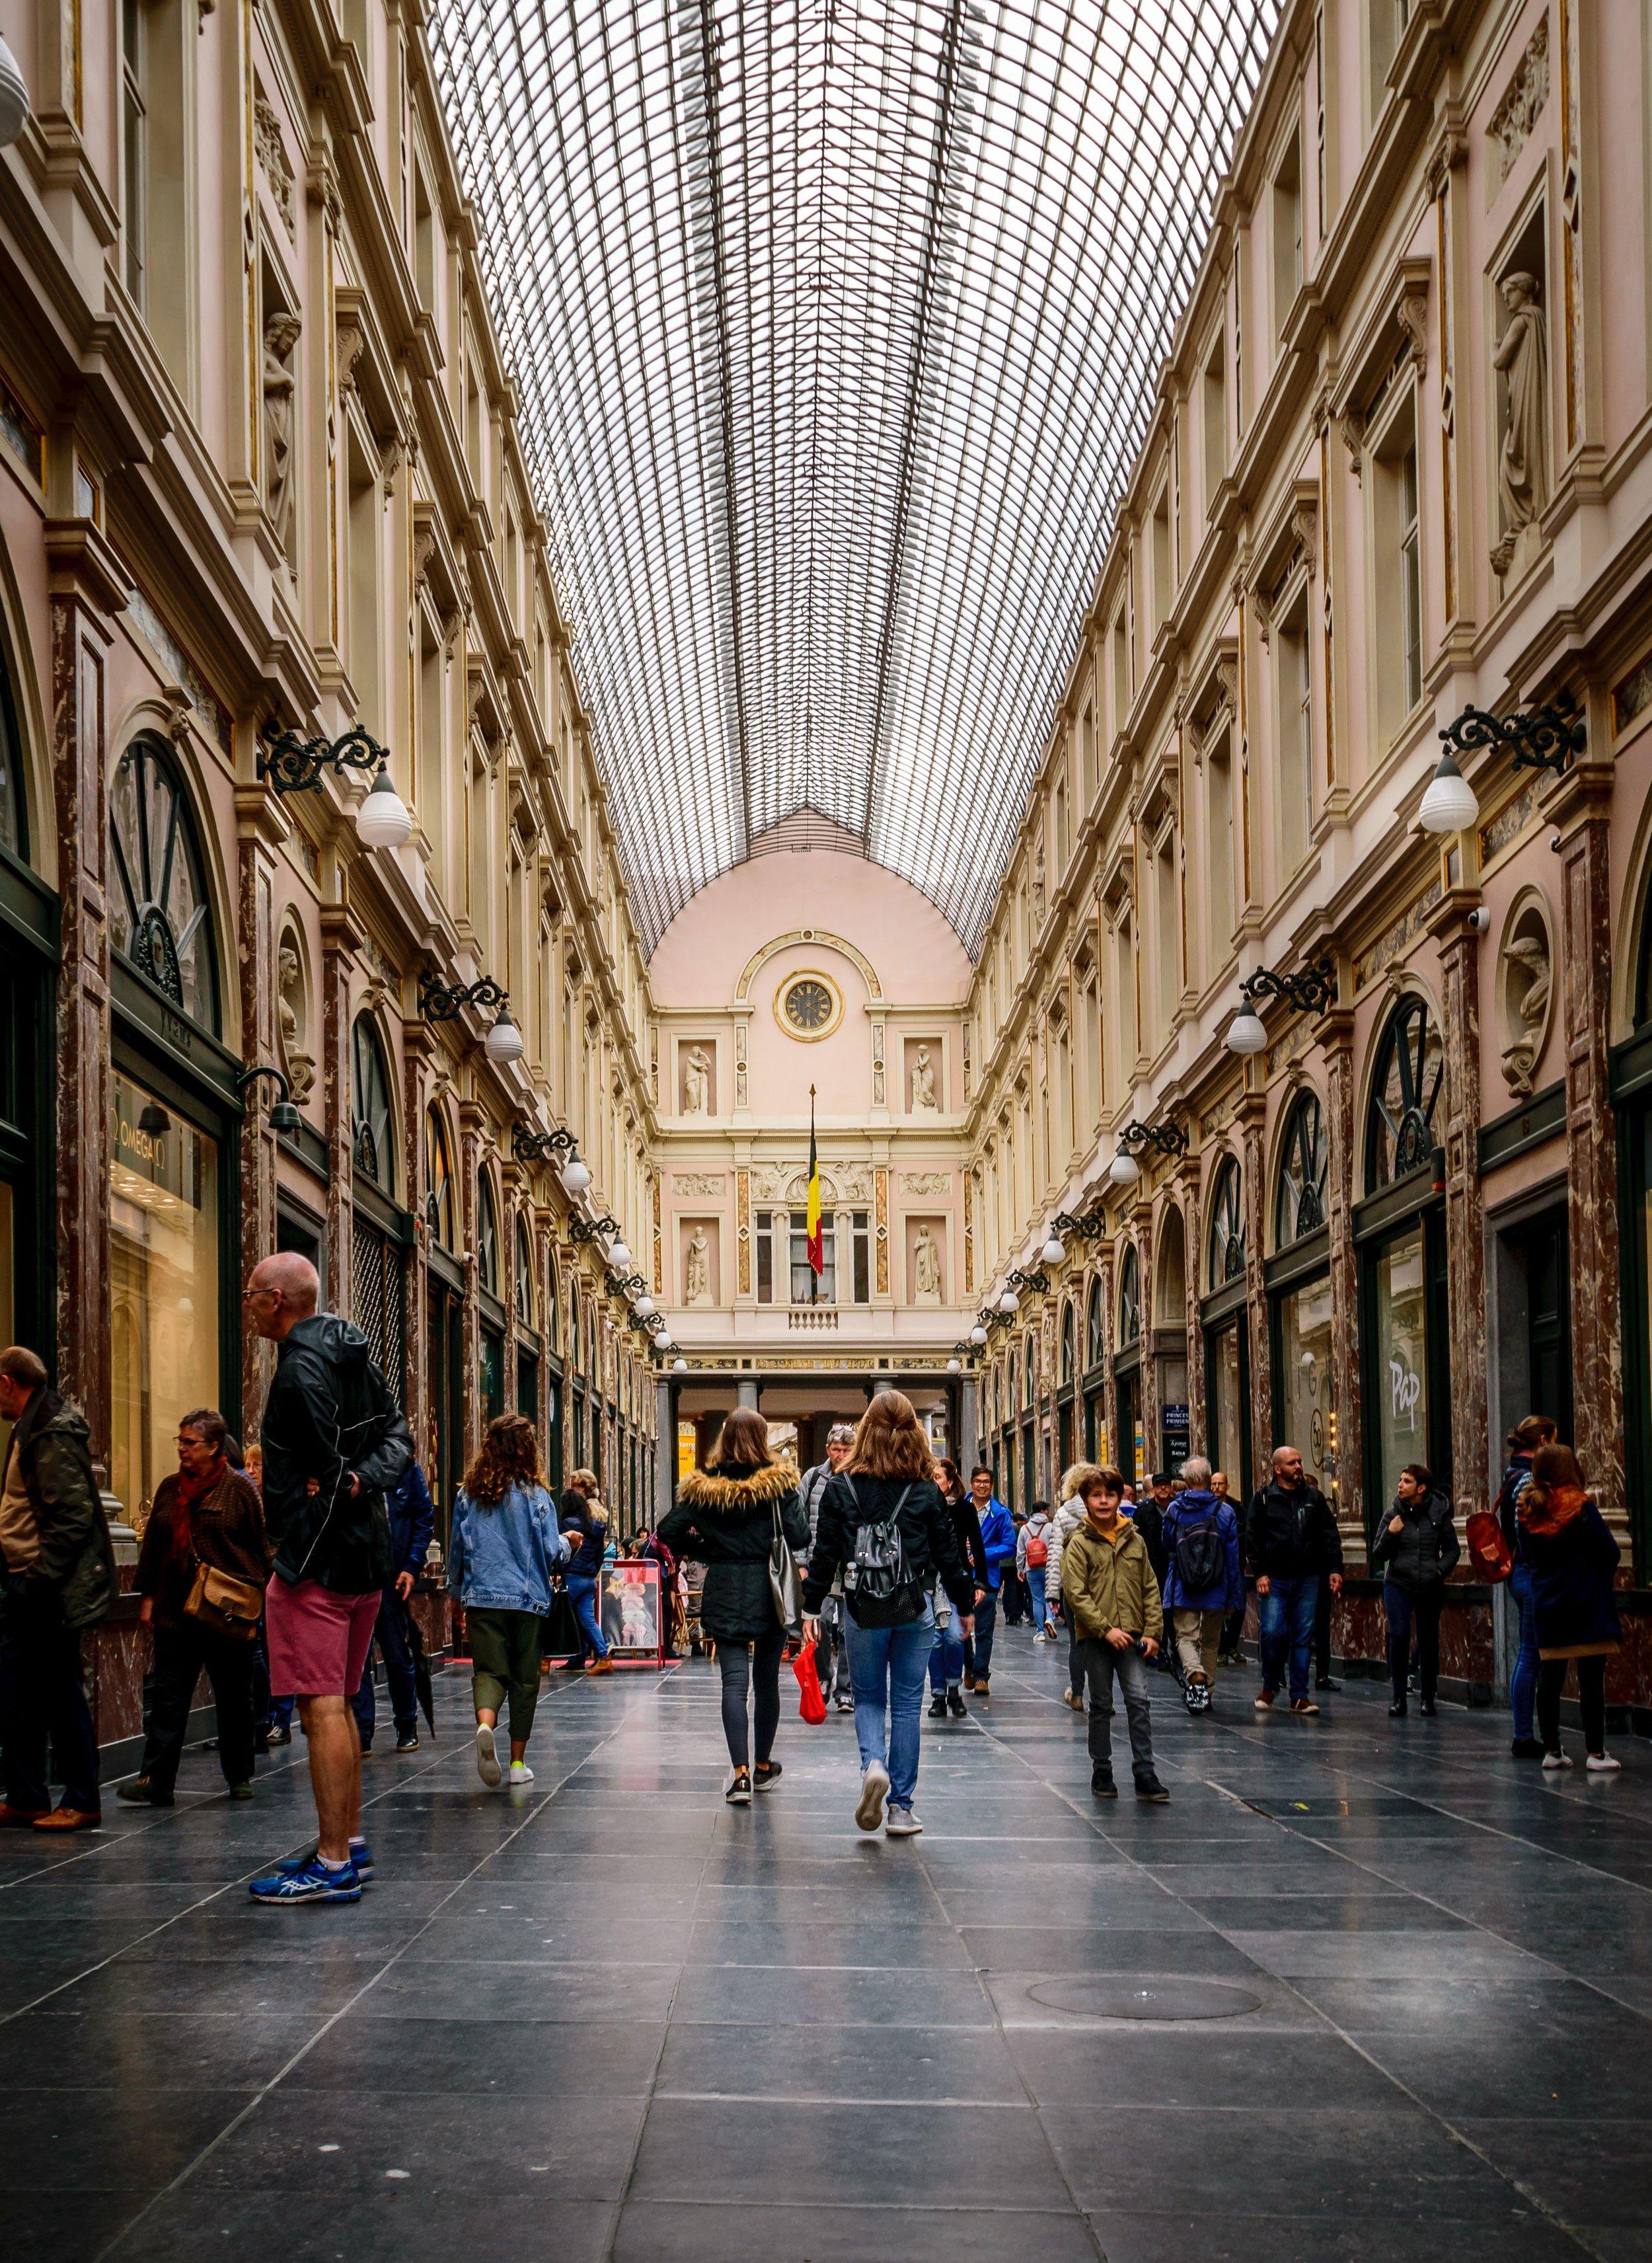 Belgium historical galleria.jpg